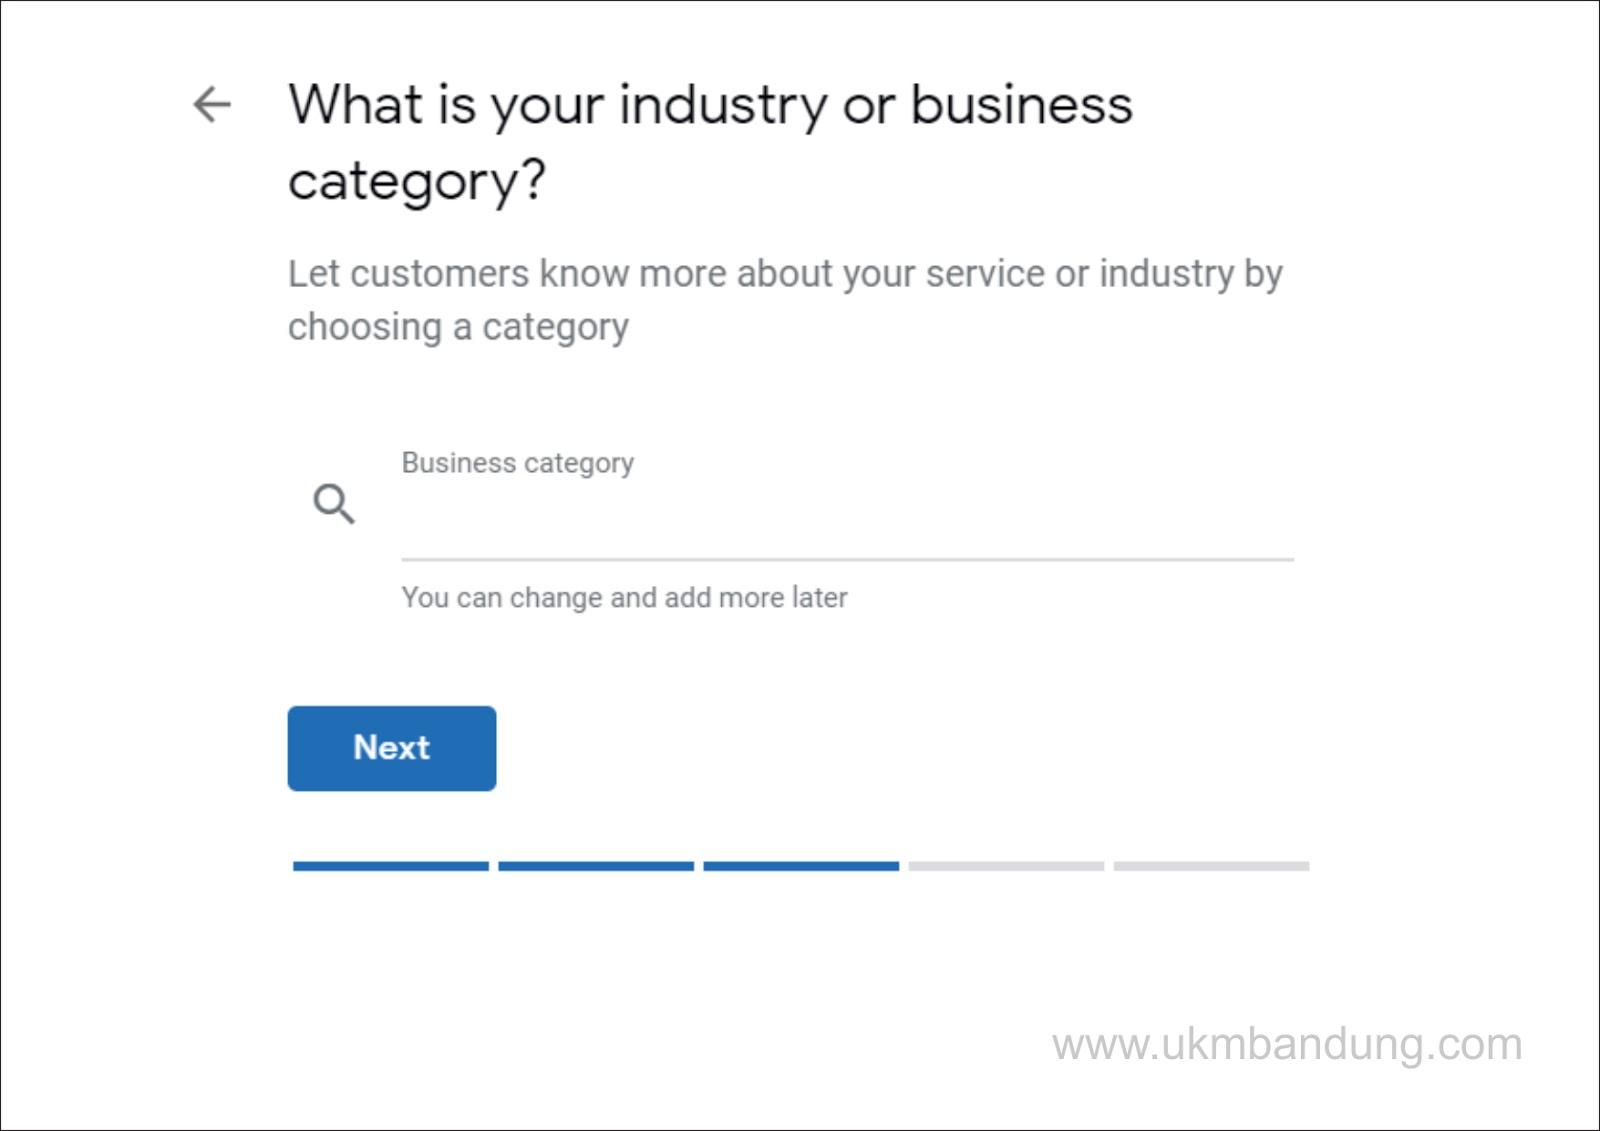 kita akan diperbolehkan mengubah kategori setelah nanti terverifikasi dengan kategori yang paling tepat.